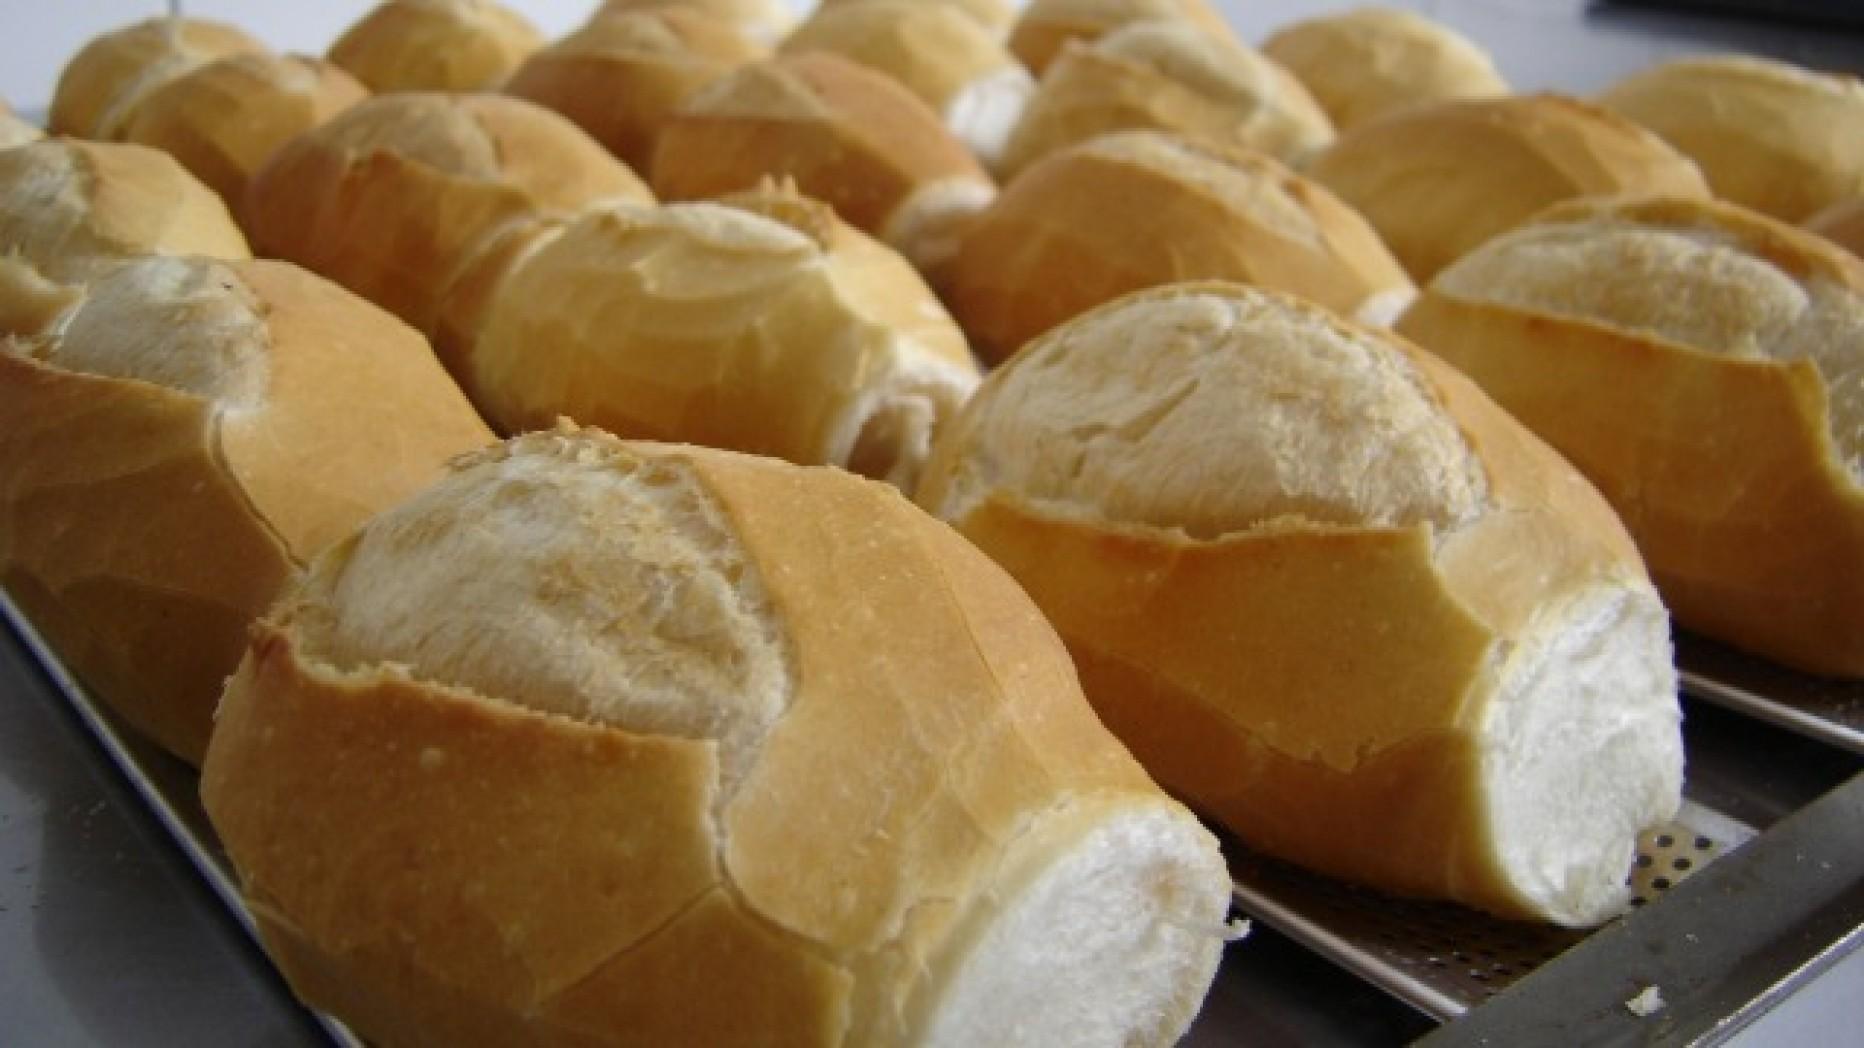 El kilo de pan superó los $100 en Capital Federal